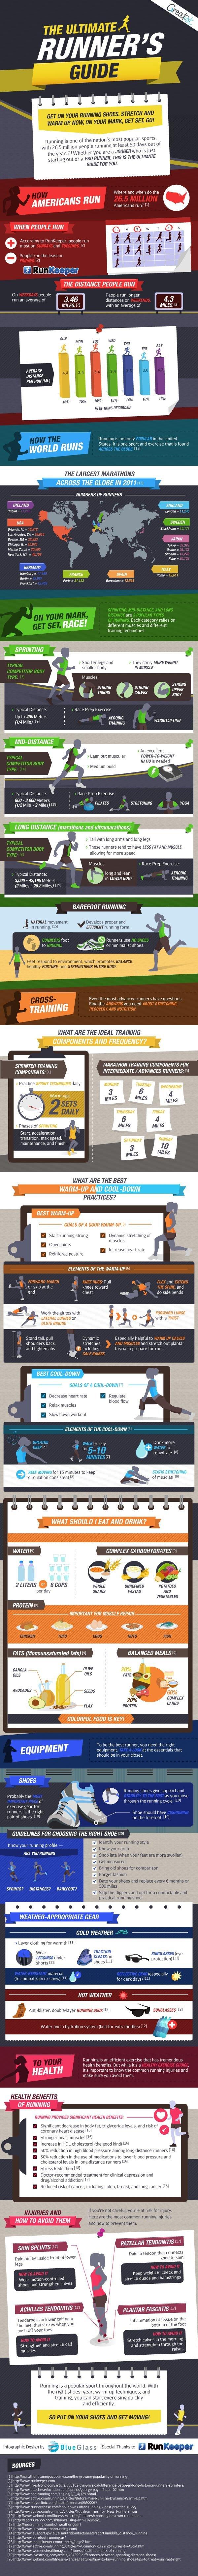 Ultimate Runner's Guide